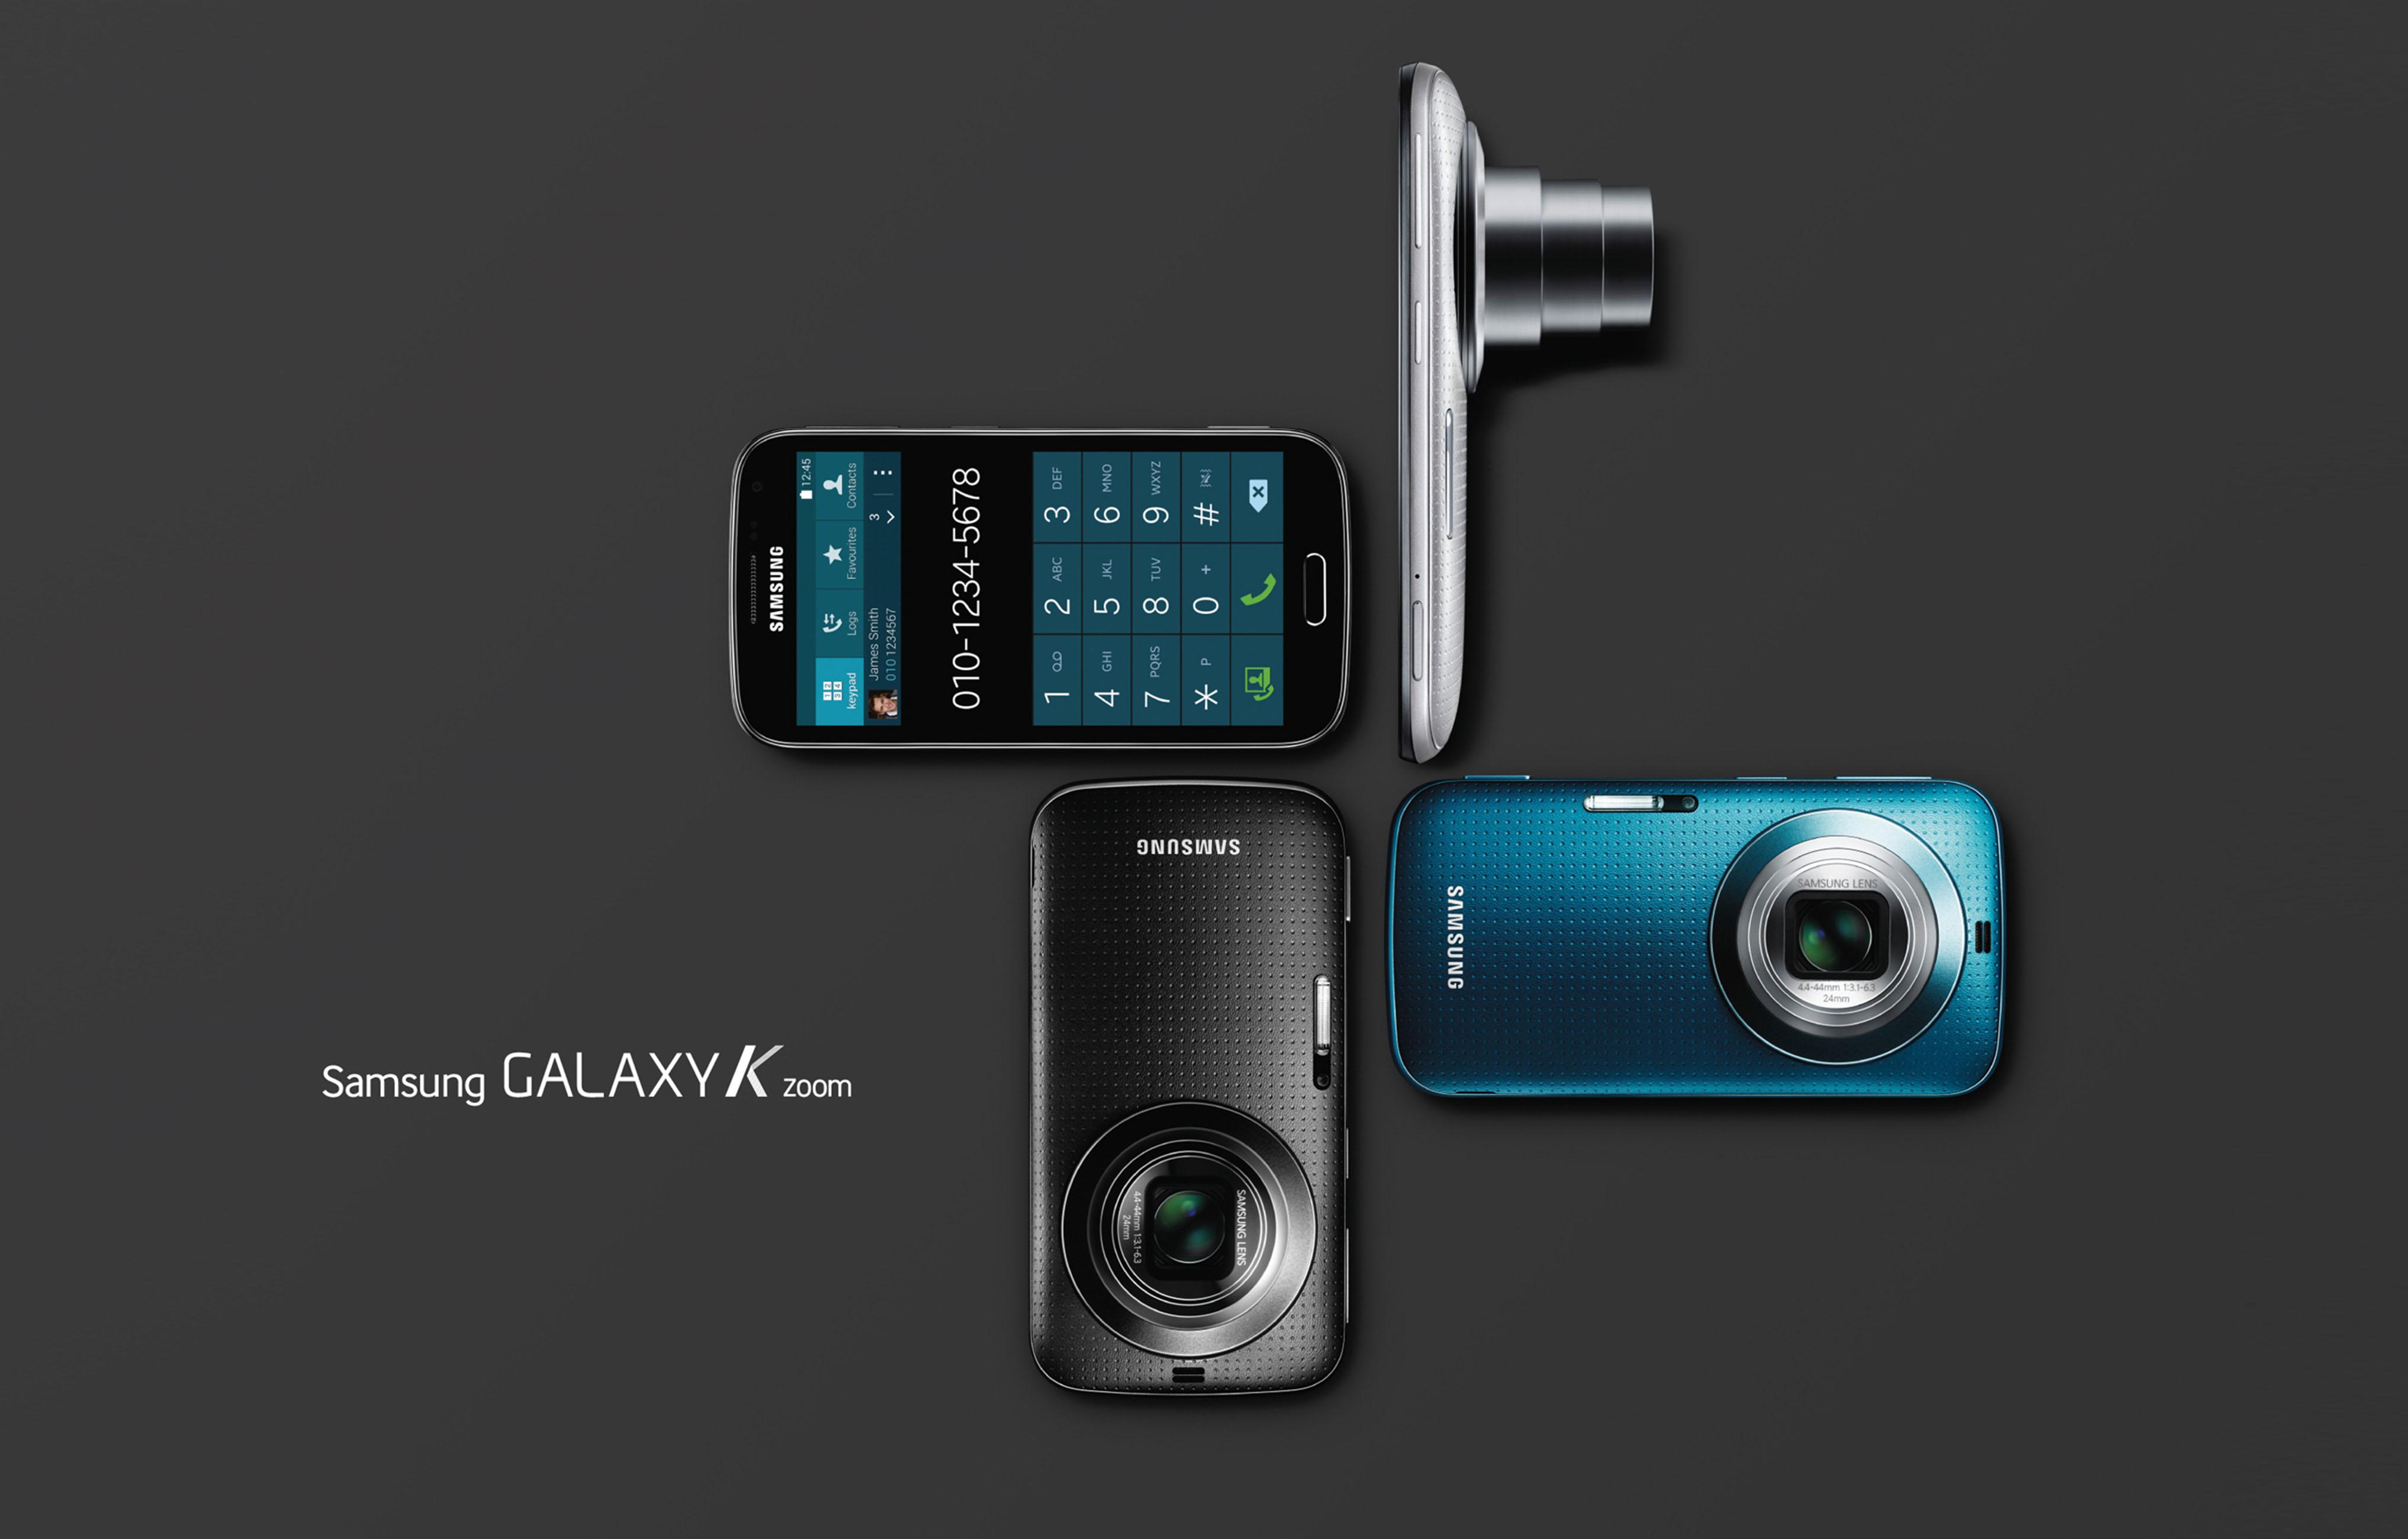 Ներկայացվել է Samsung Galaxy K zoom սմարթֆոնը